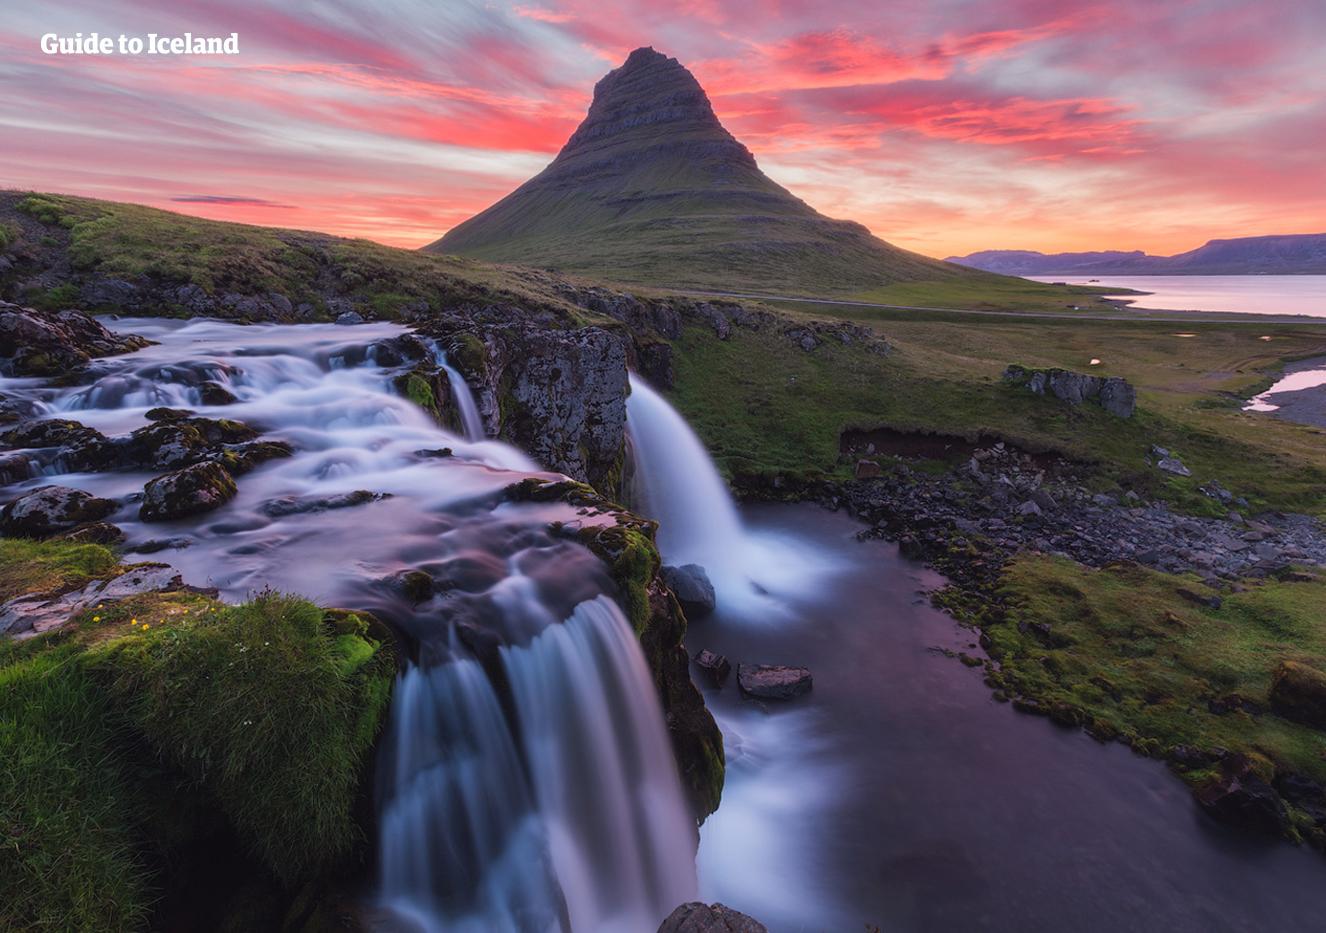 Der Berg Kirkjufell Mountain auf Snaefellsnes (Westisland) war in der HBO-Serie Game of Thrones zu sehen.